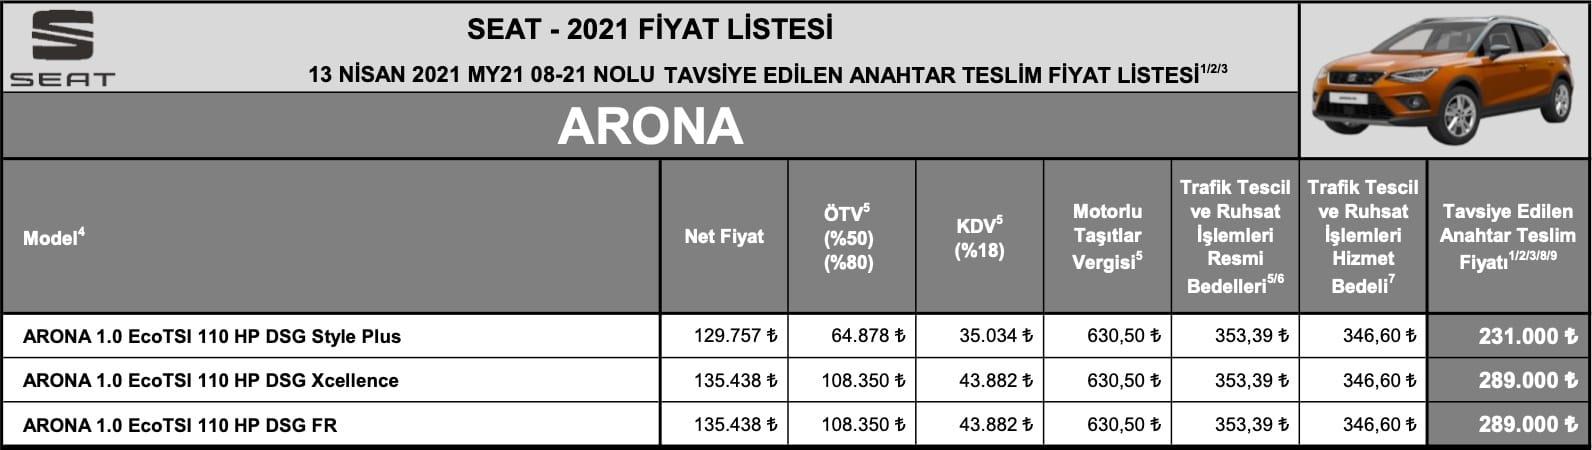 seat arona 2021 fiyat listesi